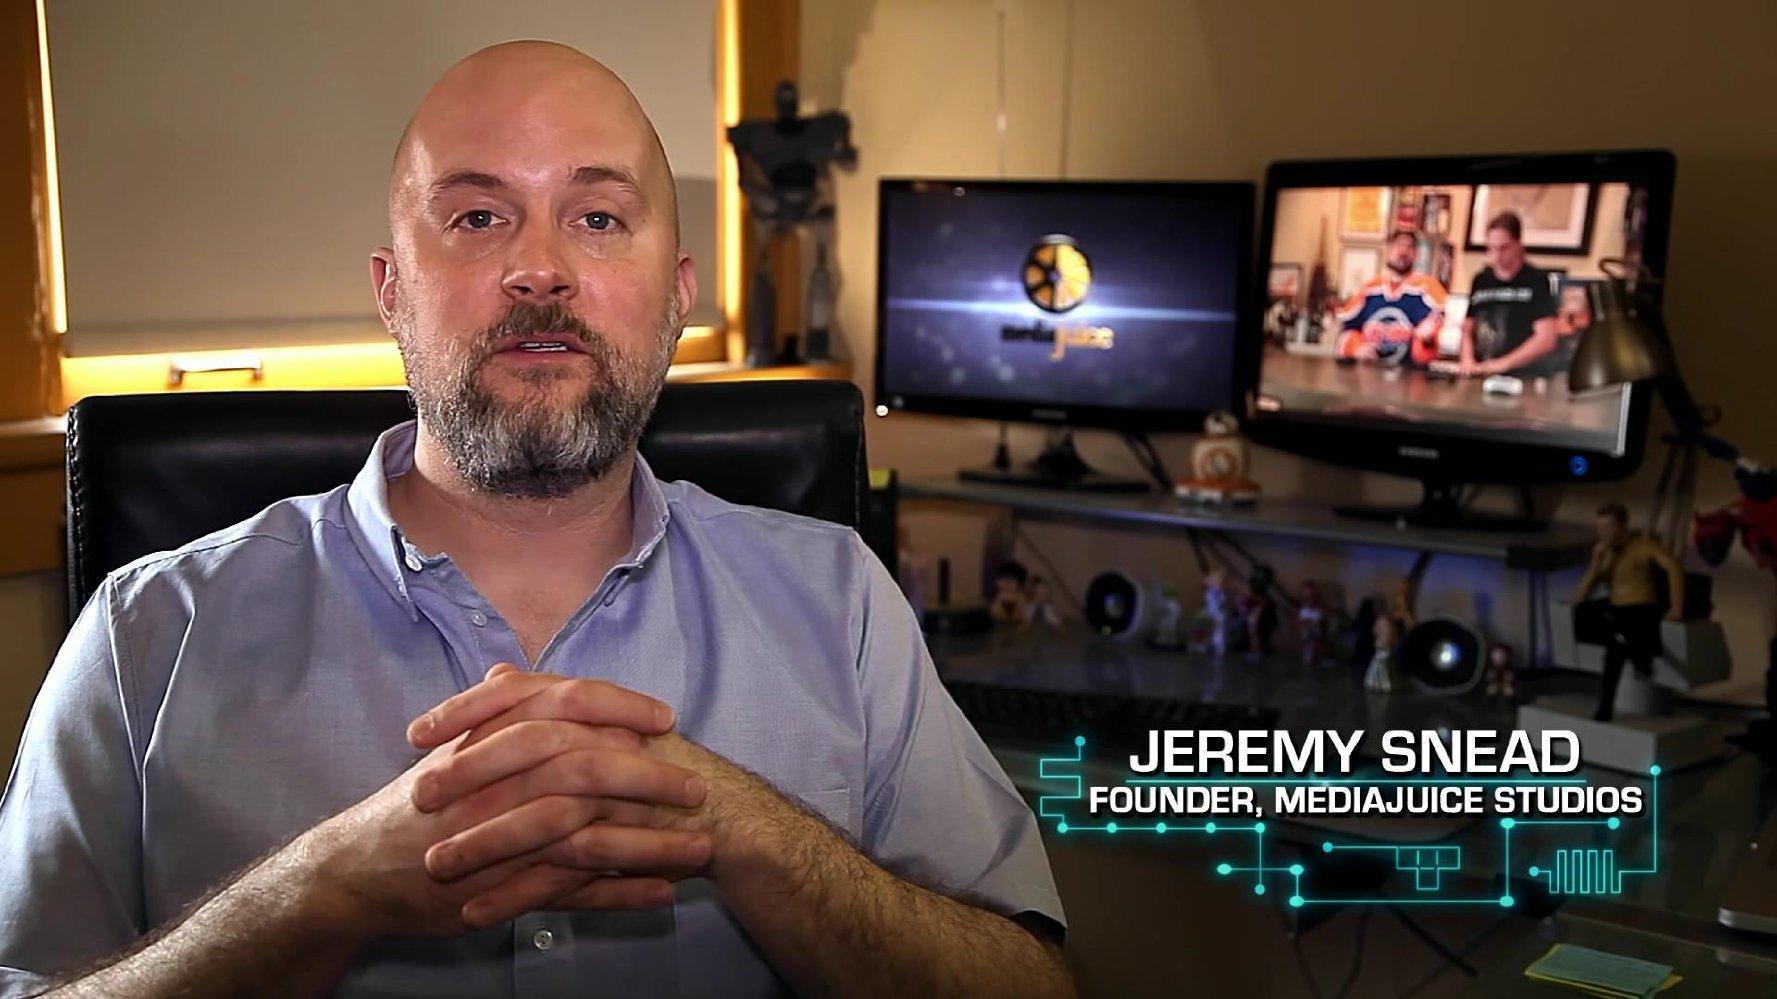 Jeremy Snead